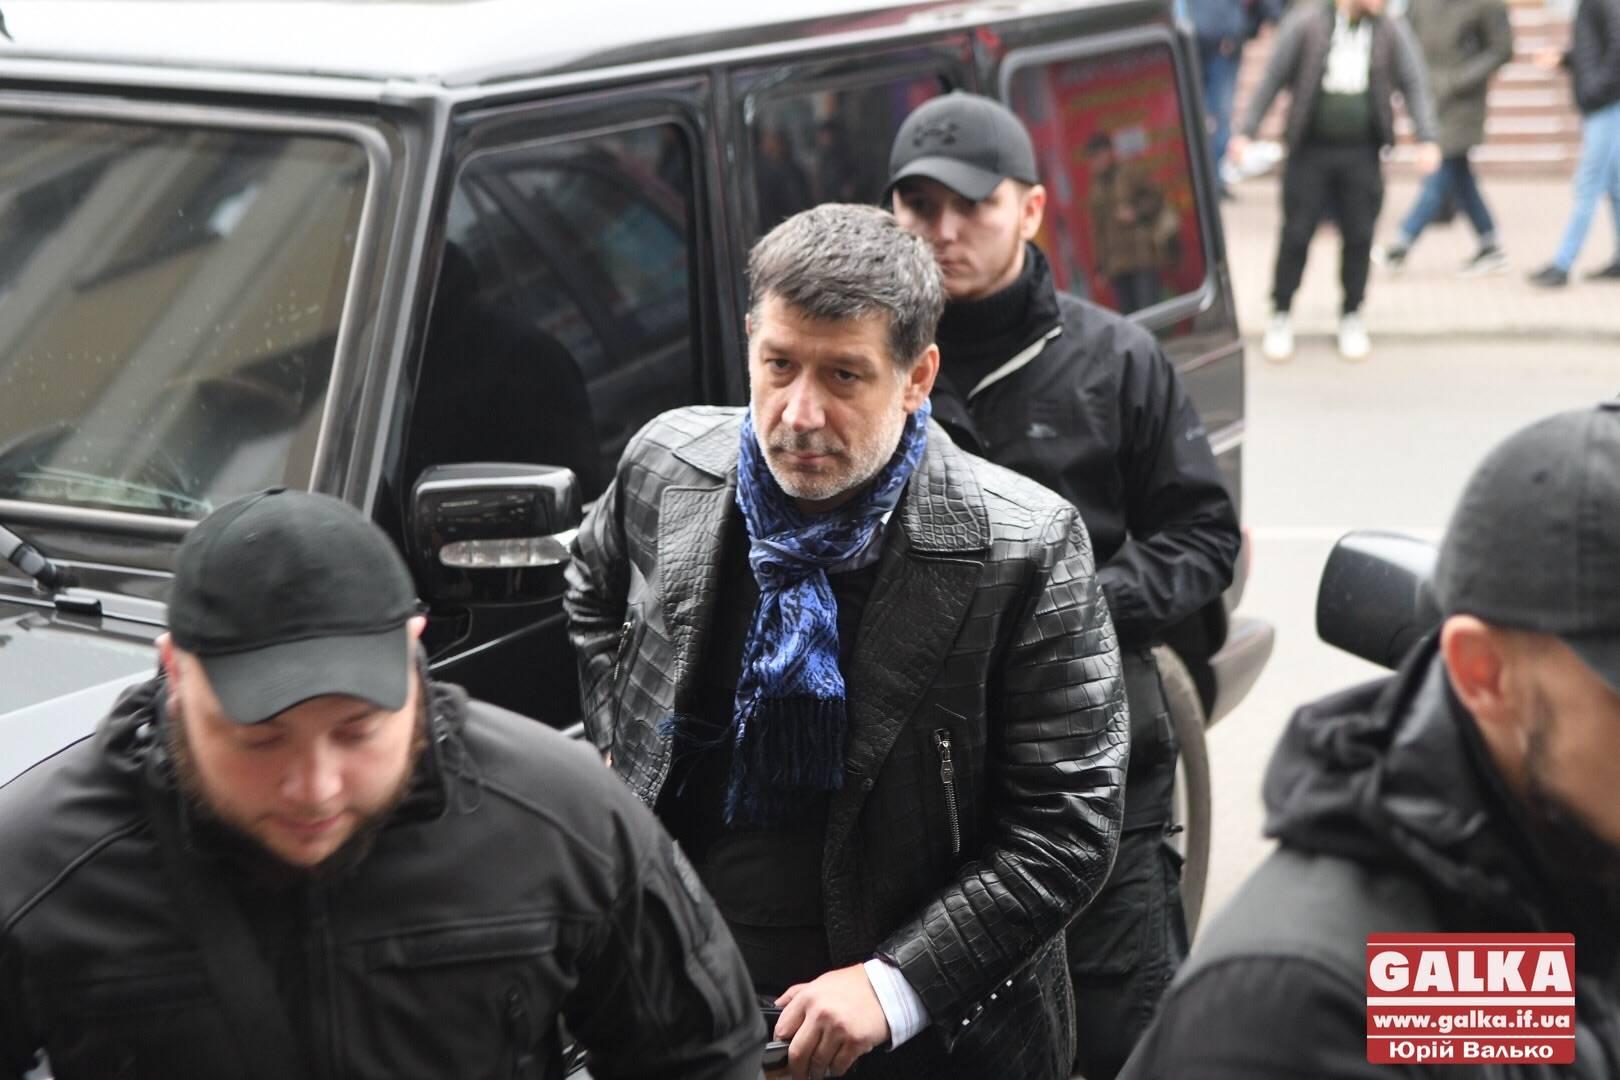 Халаменда через суд повернув собі посаду кримінального авторитета